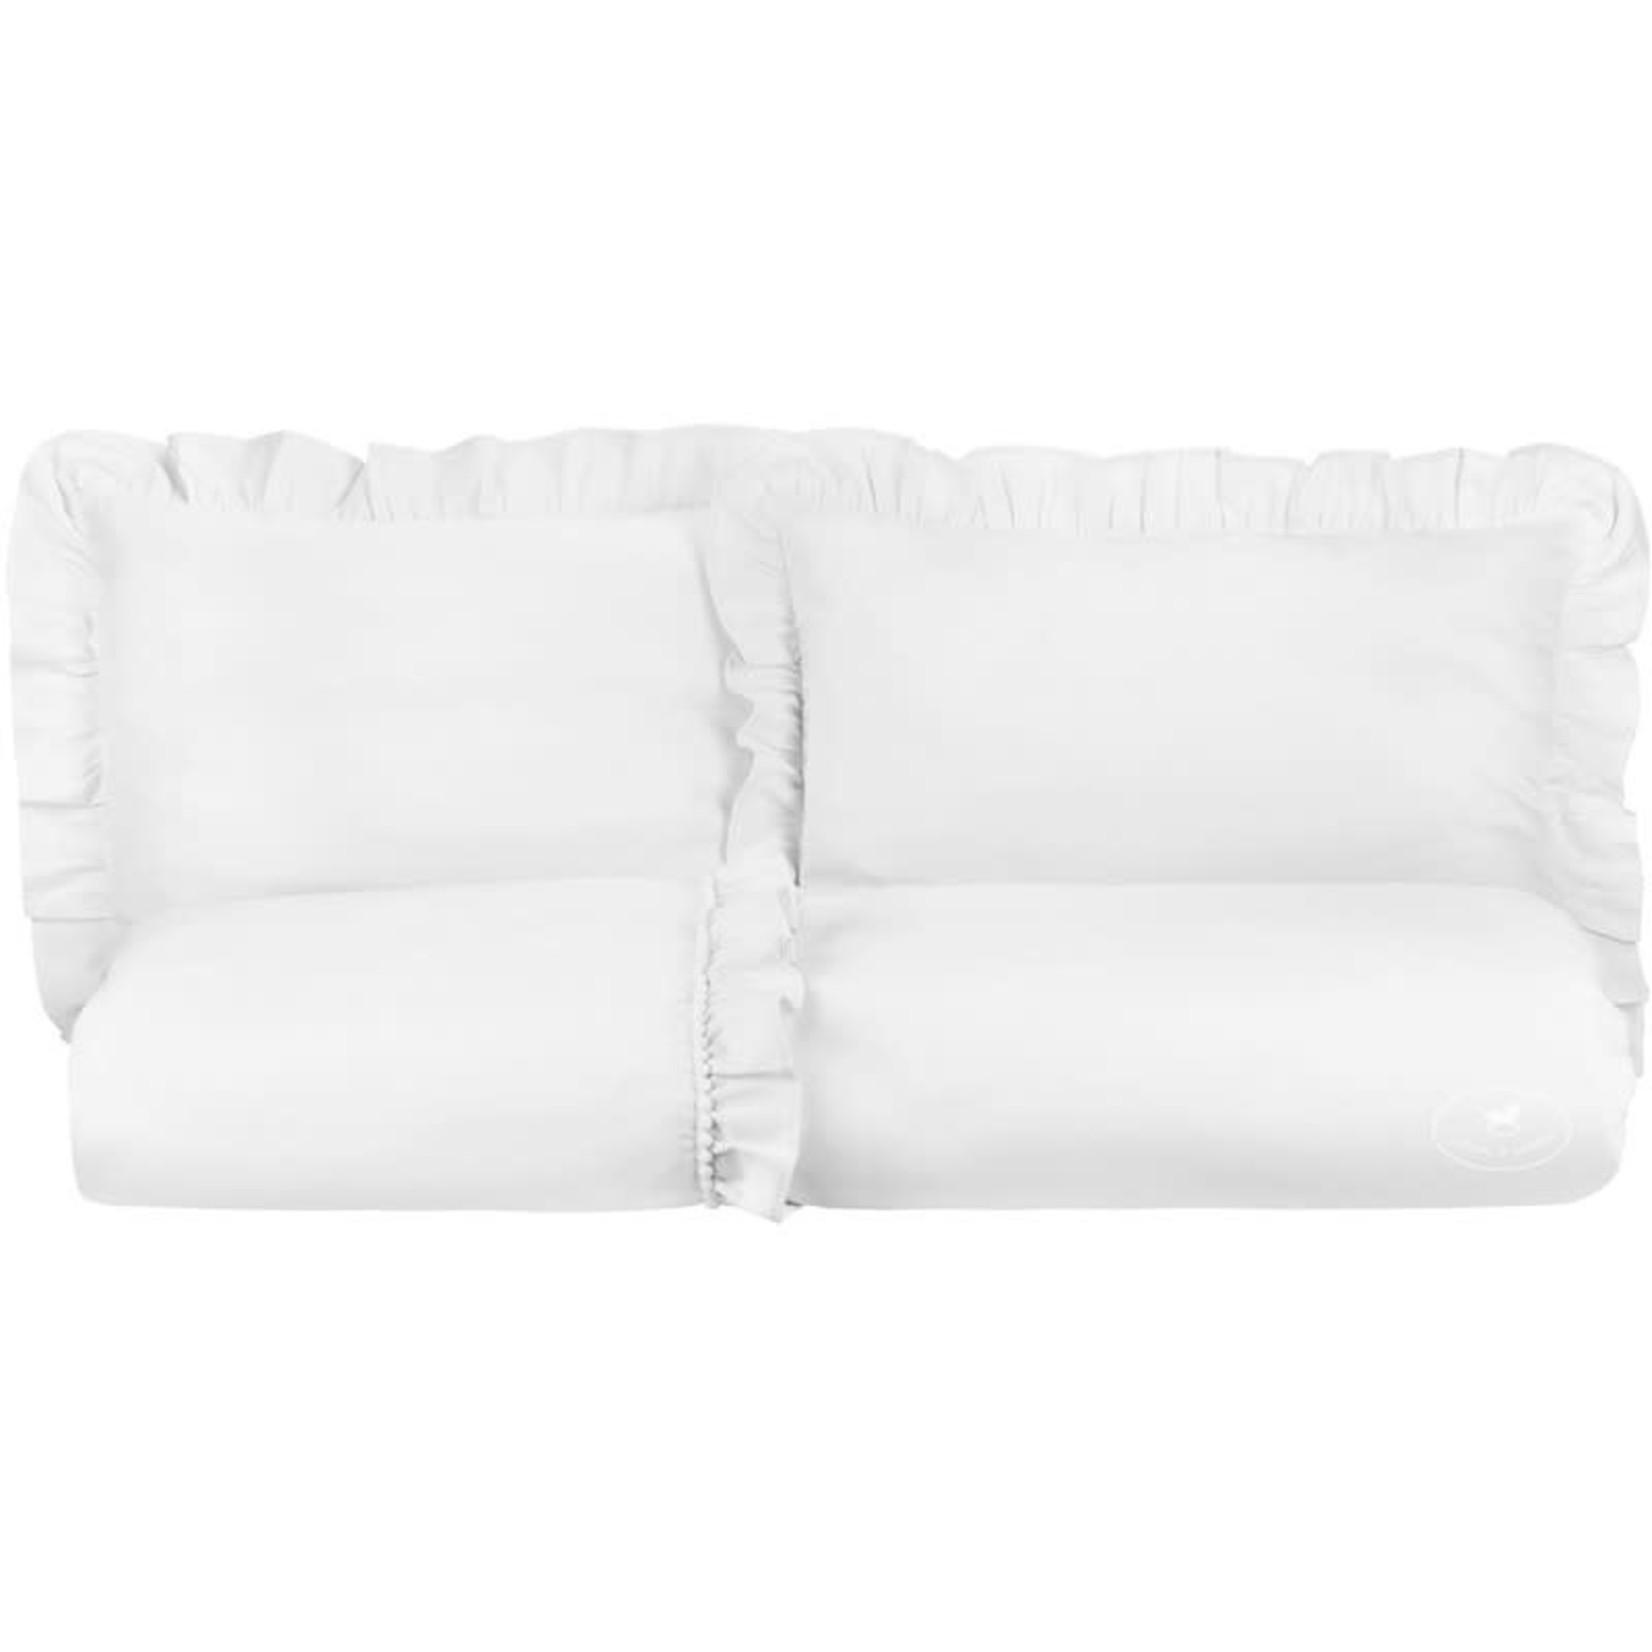 Cotton & Sweets Sheets White  Boho